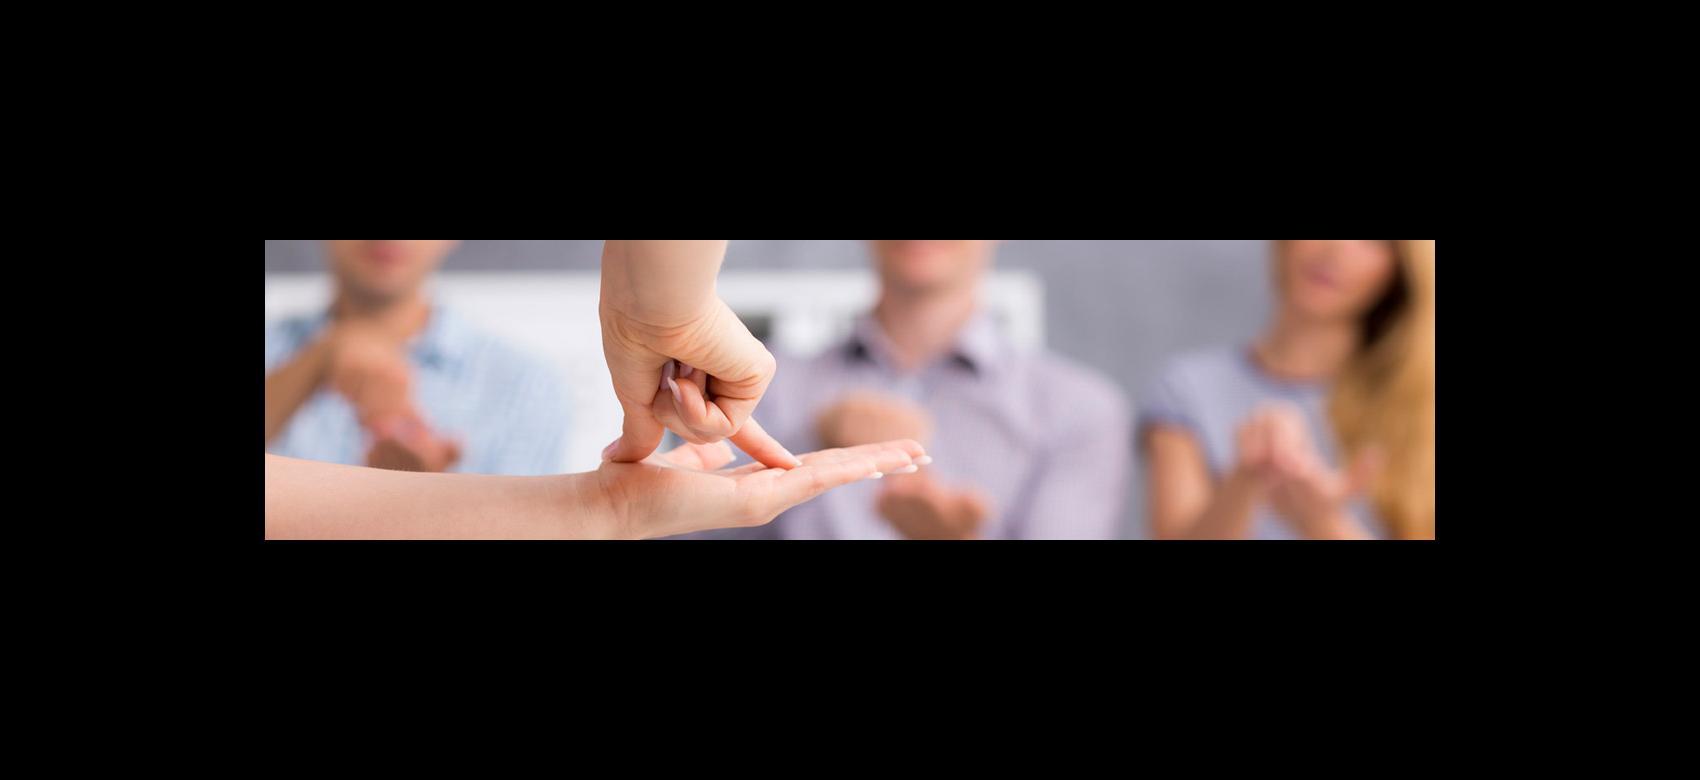 Imagen ilustrativa de manos signando